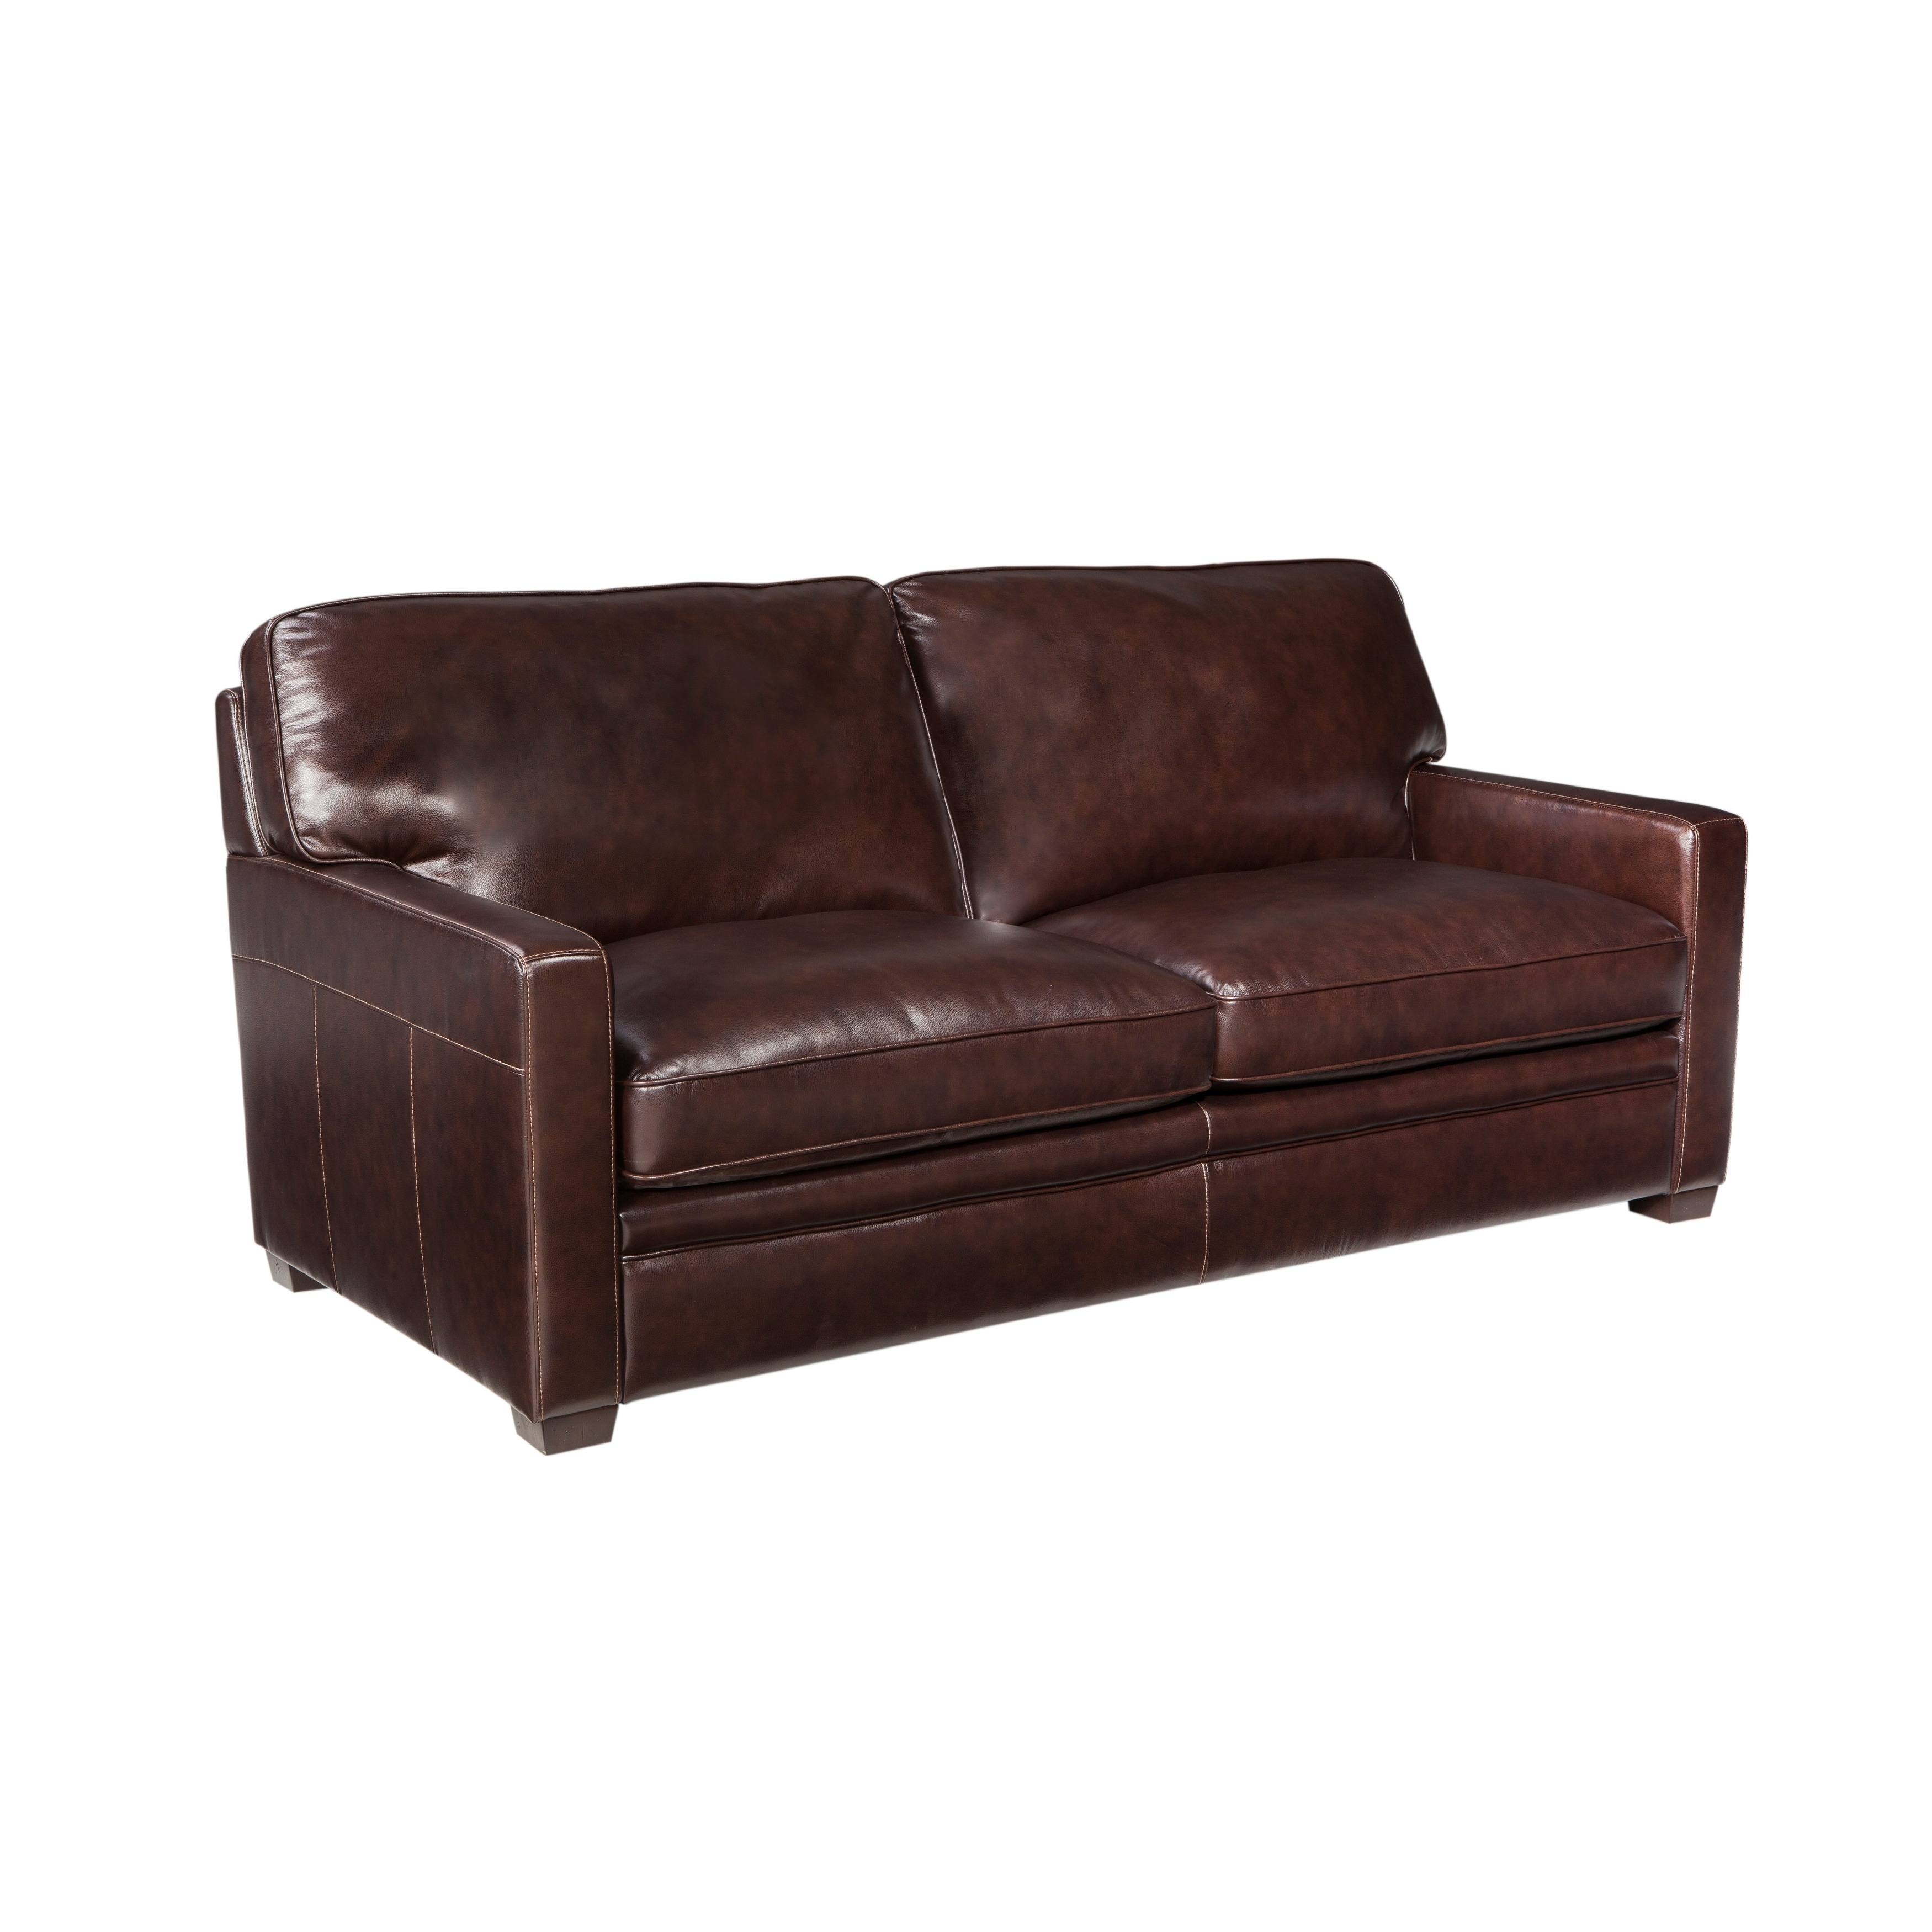 Simon Li Joliet Brown Top Grain Leather Queen Sleeper Sofa